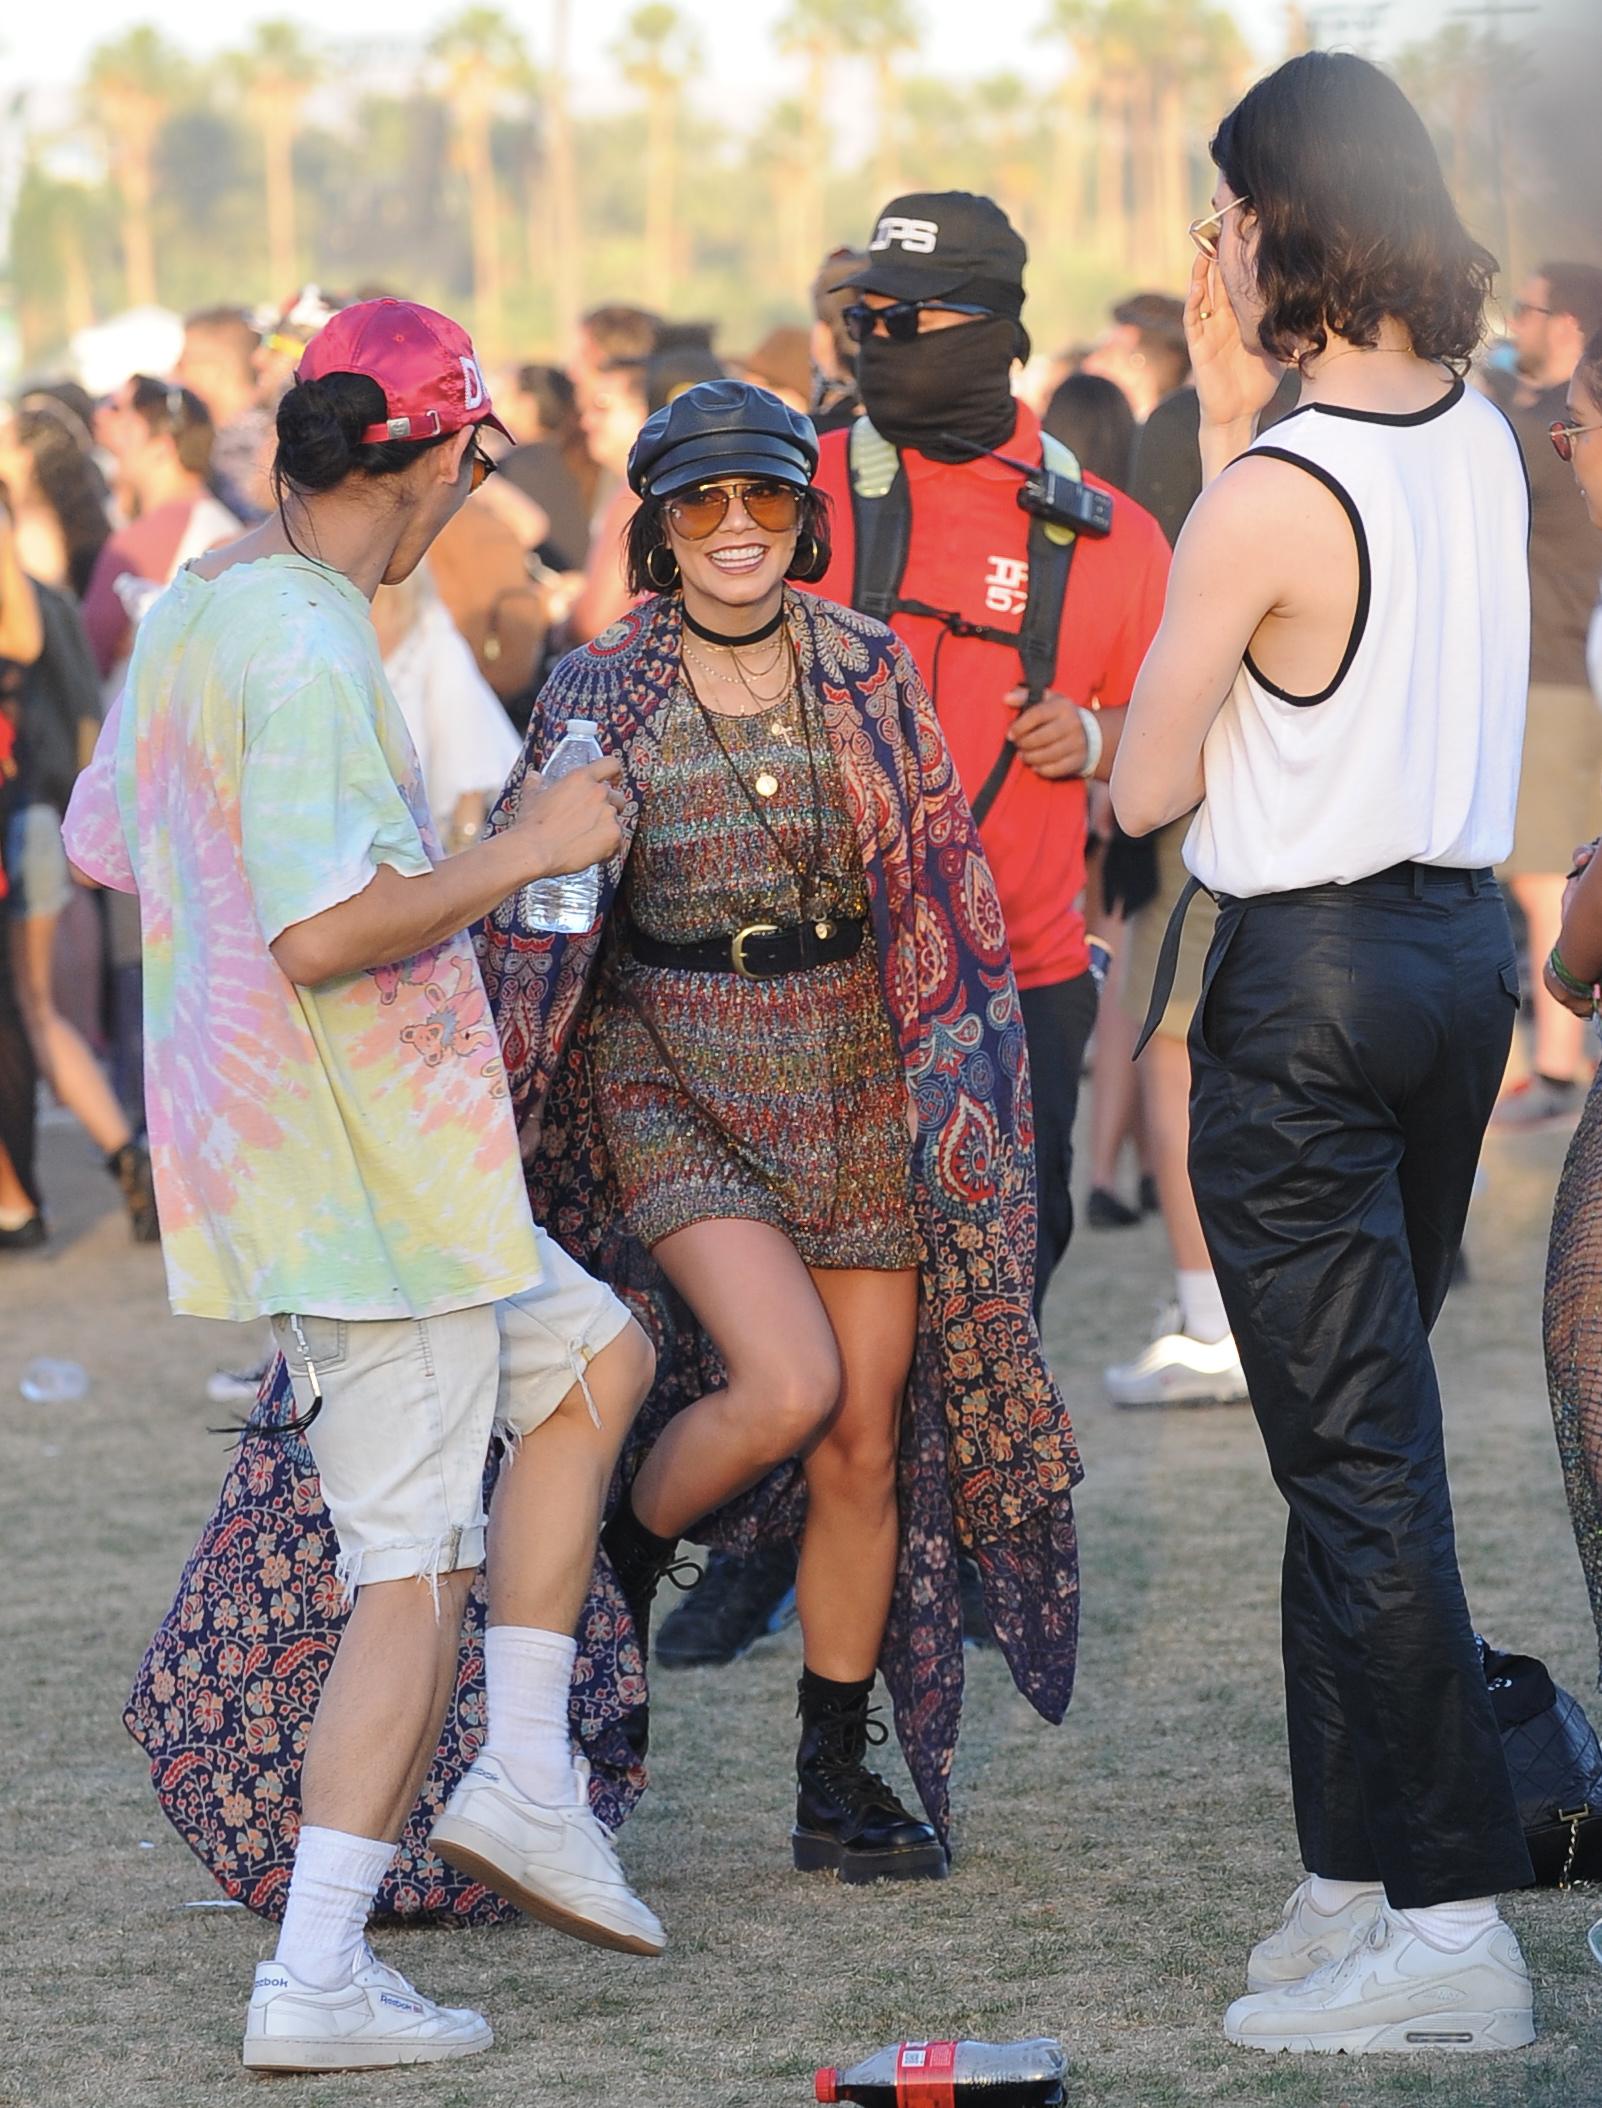 Vanessa Hudgens at Coachella